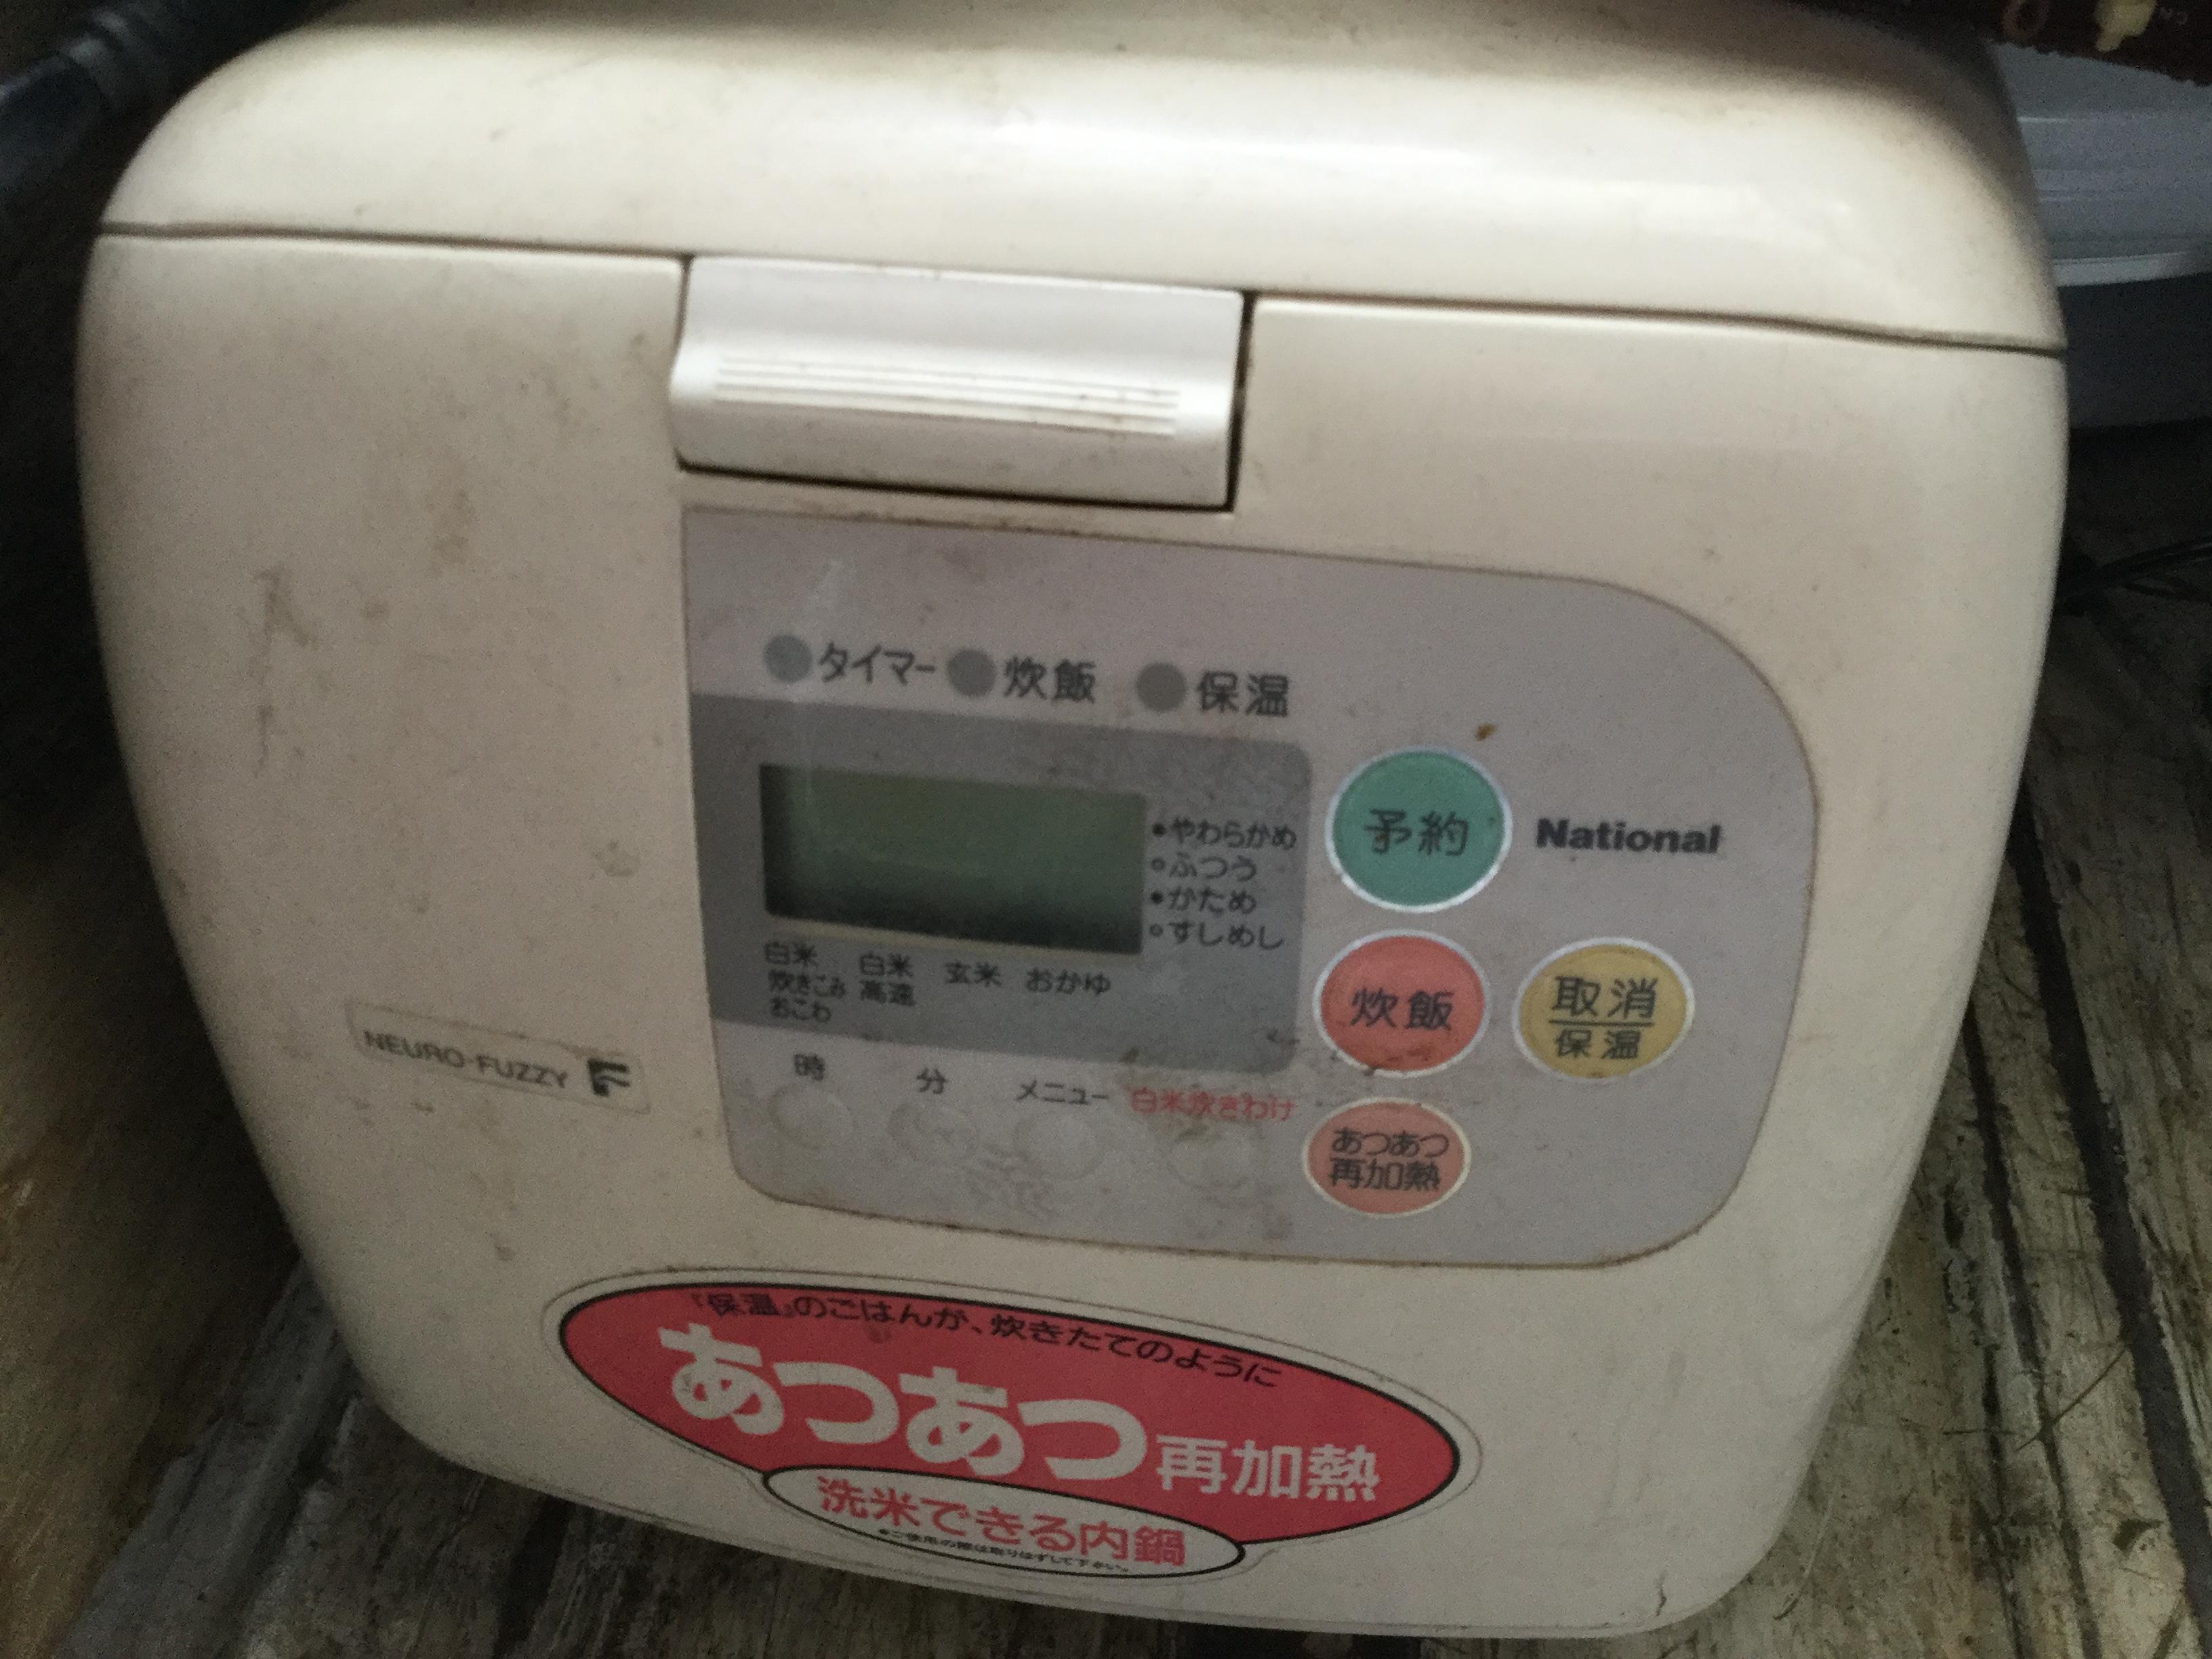 岡山市中区で不用品の回収・処分した炊飯器